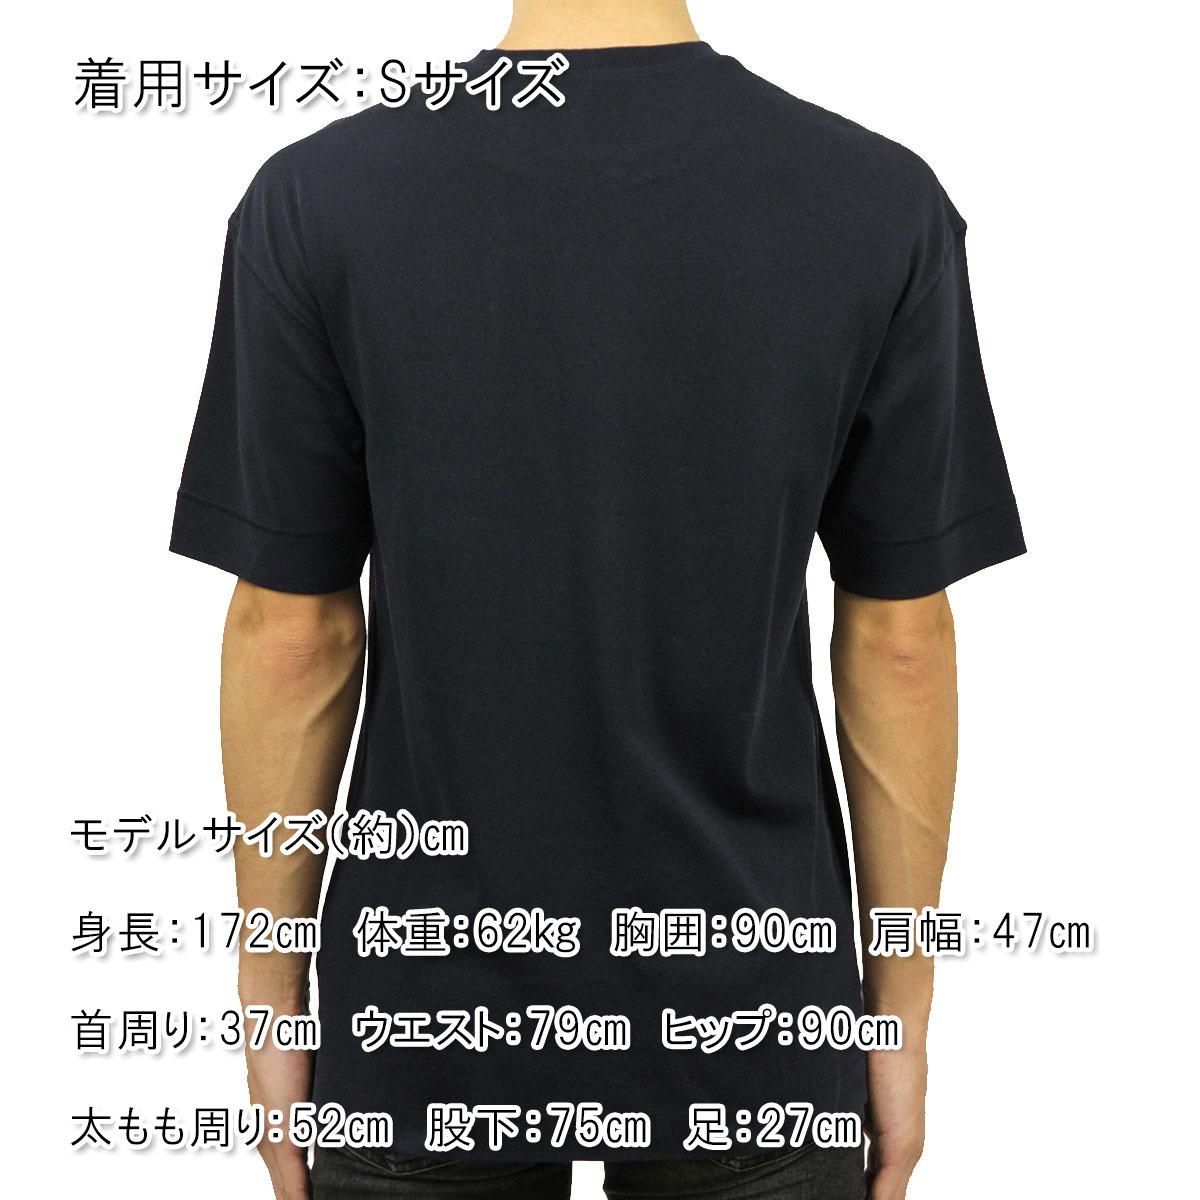 スコッチアンドソーダ Tシャツ メンズ 正規販売店 SCOTCH&SODA ヘンリーネックTシャツ 半袖Tシャツ SHORTSLEEVE GRANDAD TEE M 158557 0004 24435 78 NAVY A39B B1C C1D D1E E06F